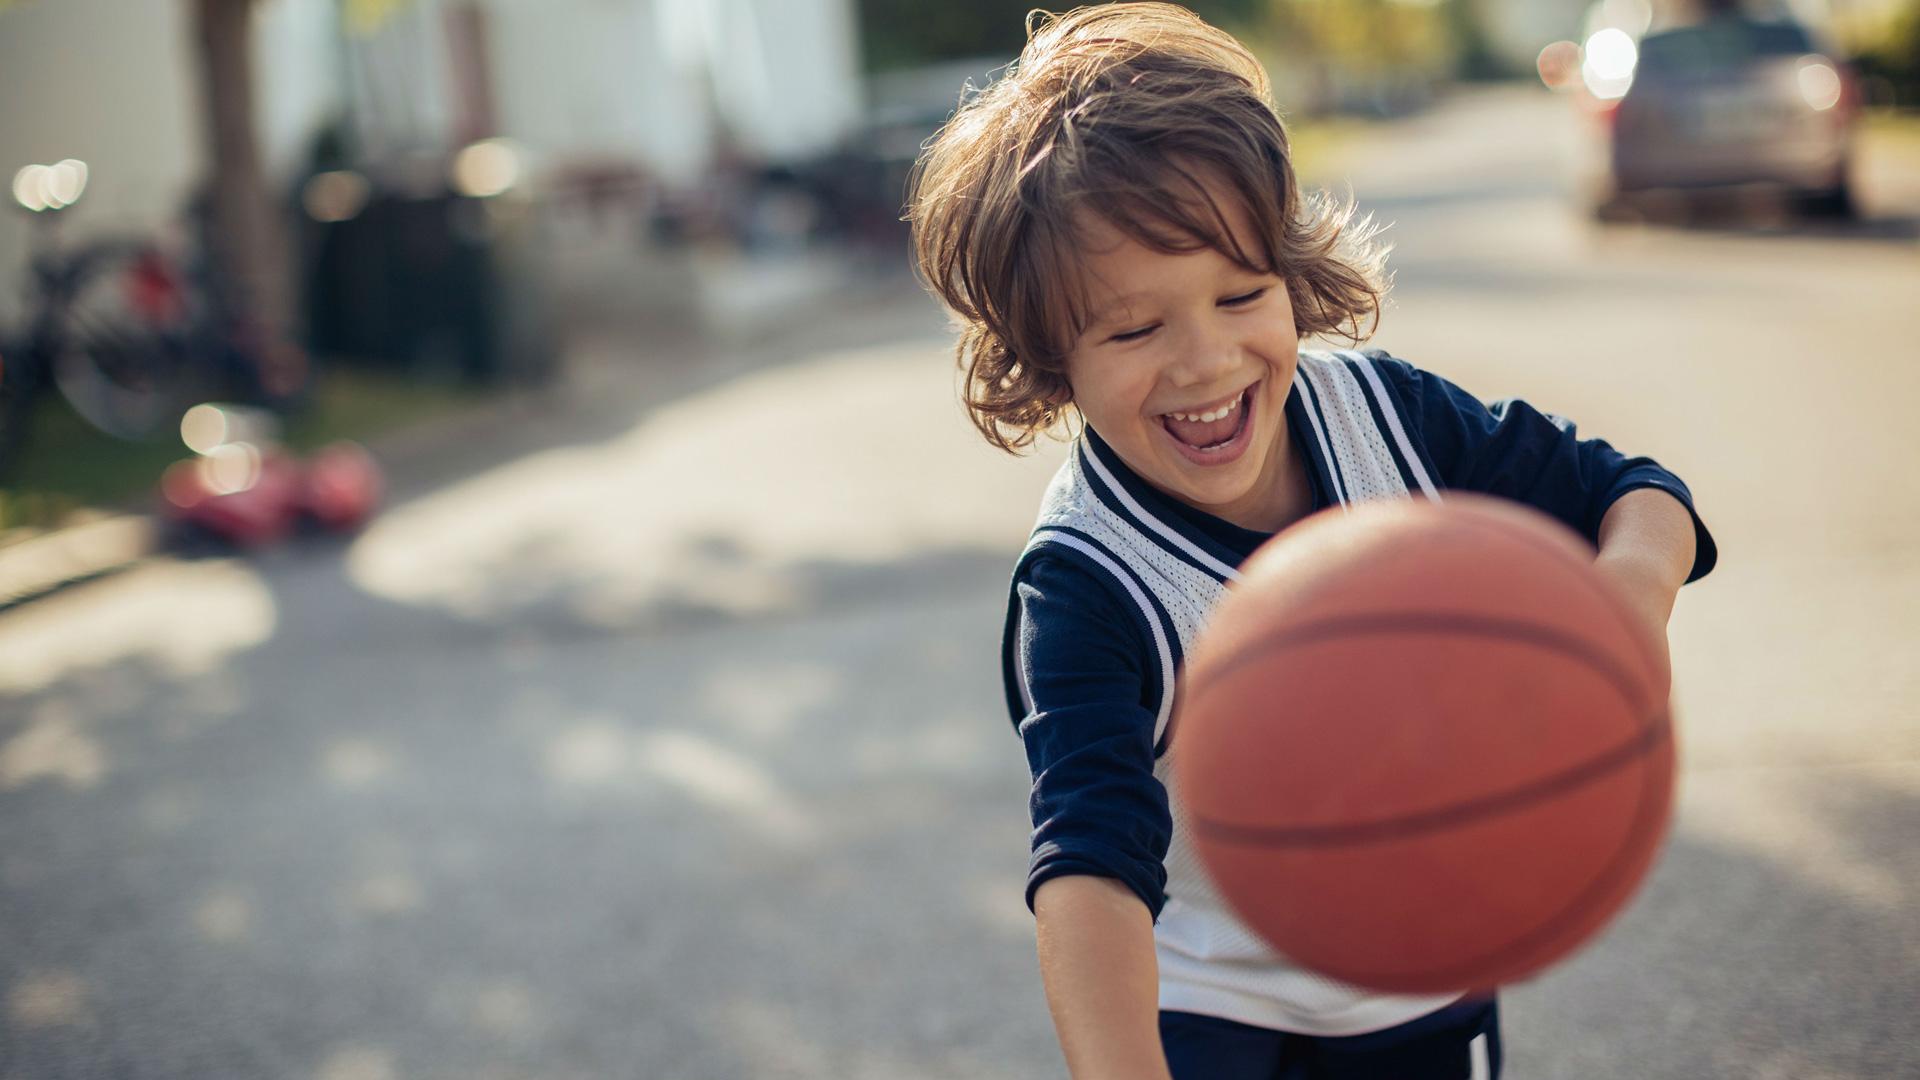 Boy-rebondissant-basket-ball-dehors